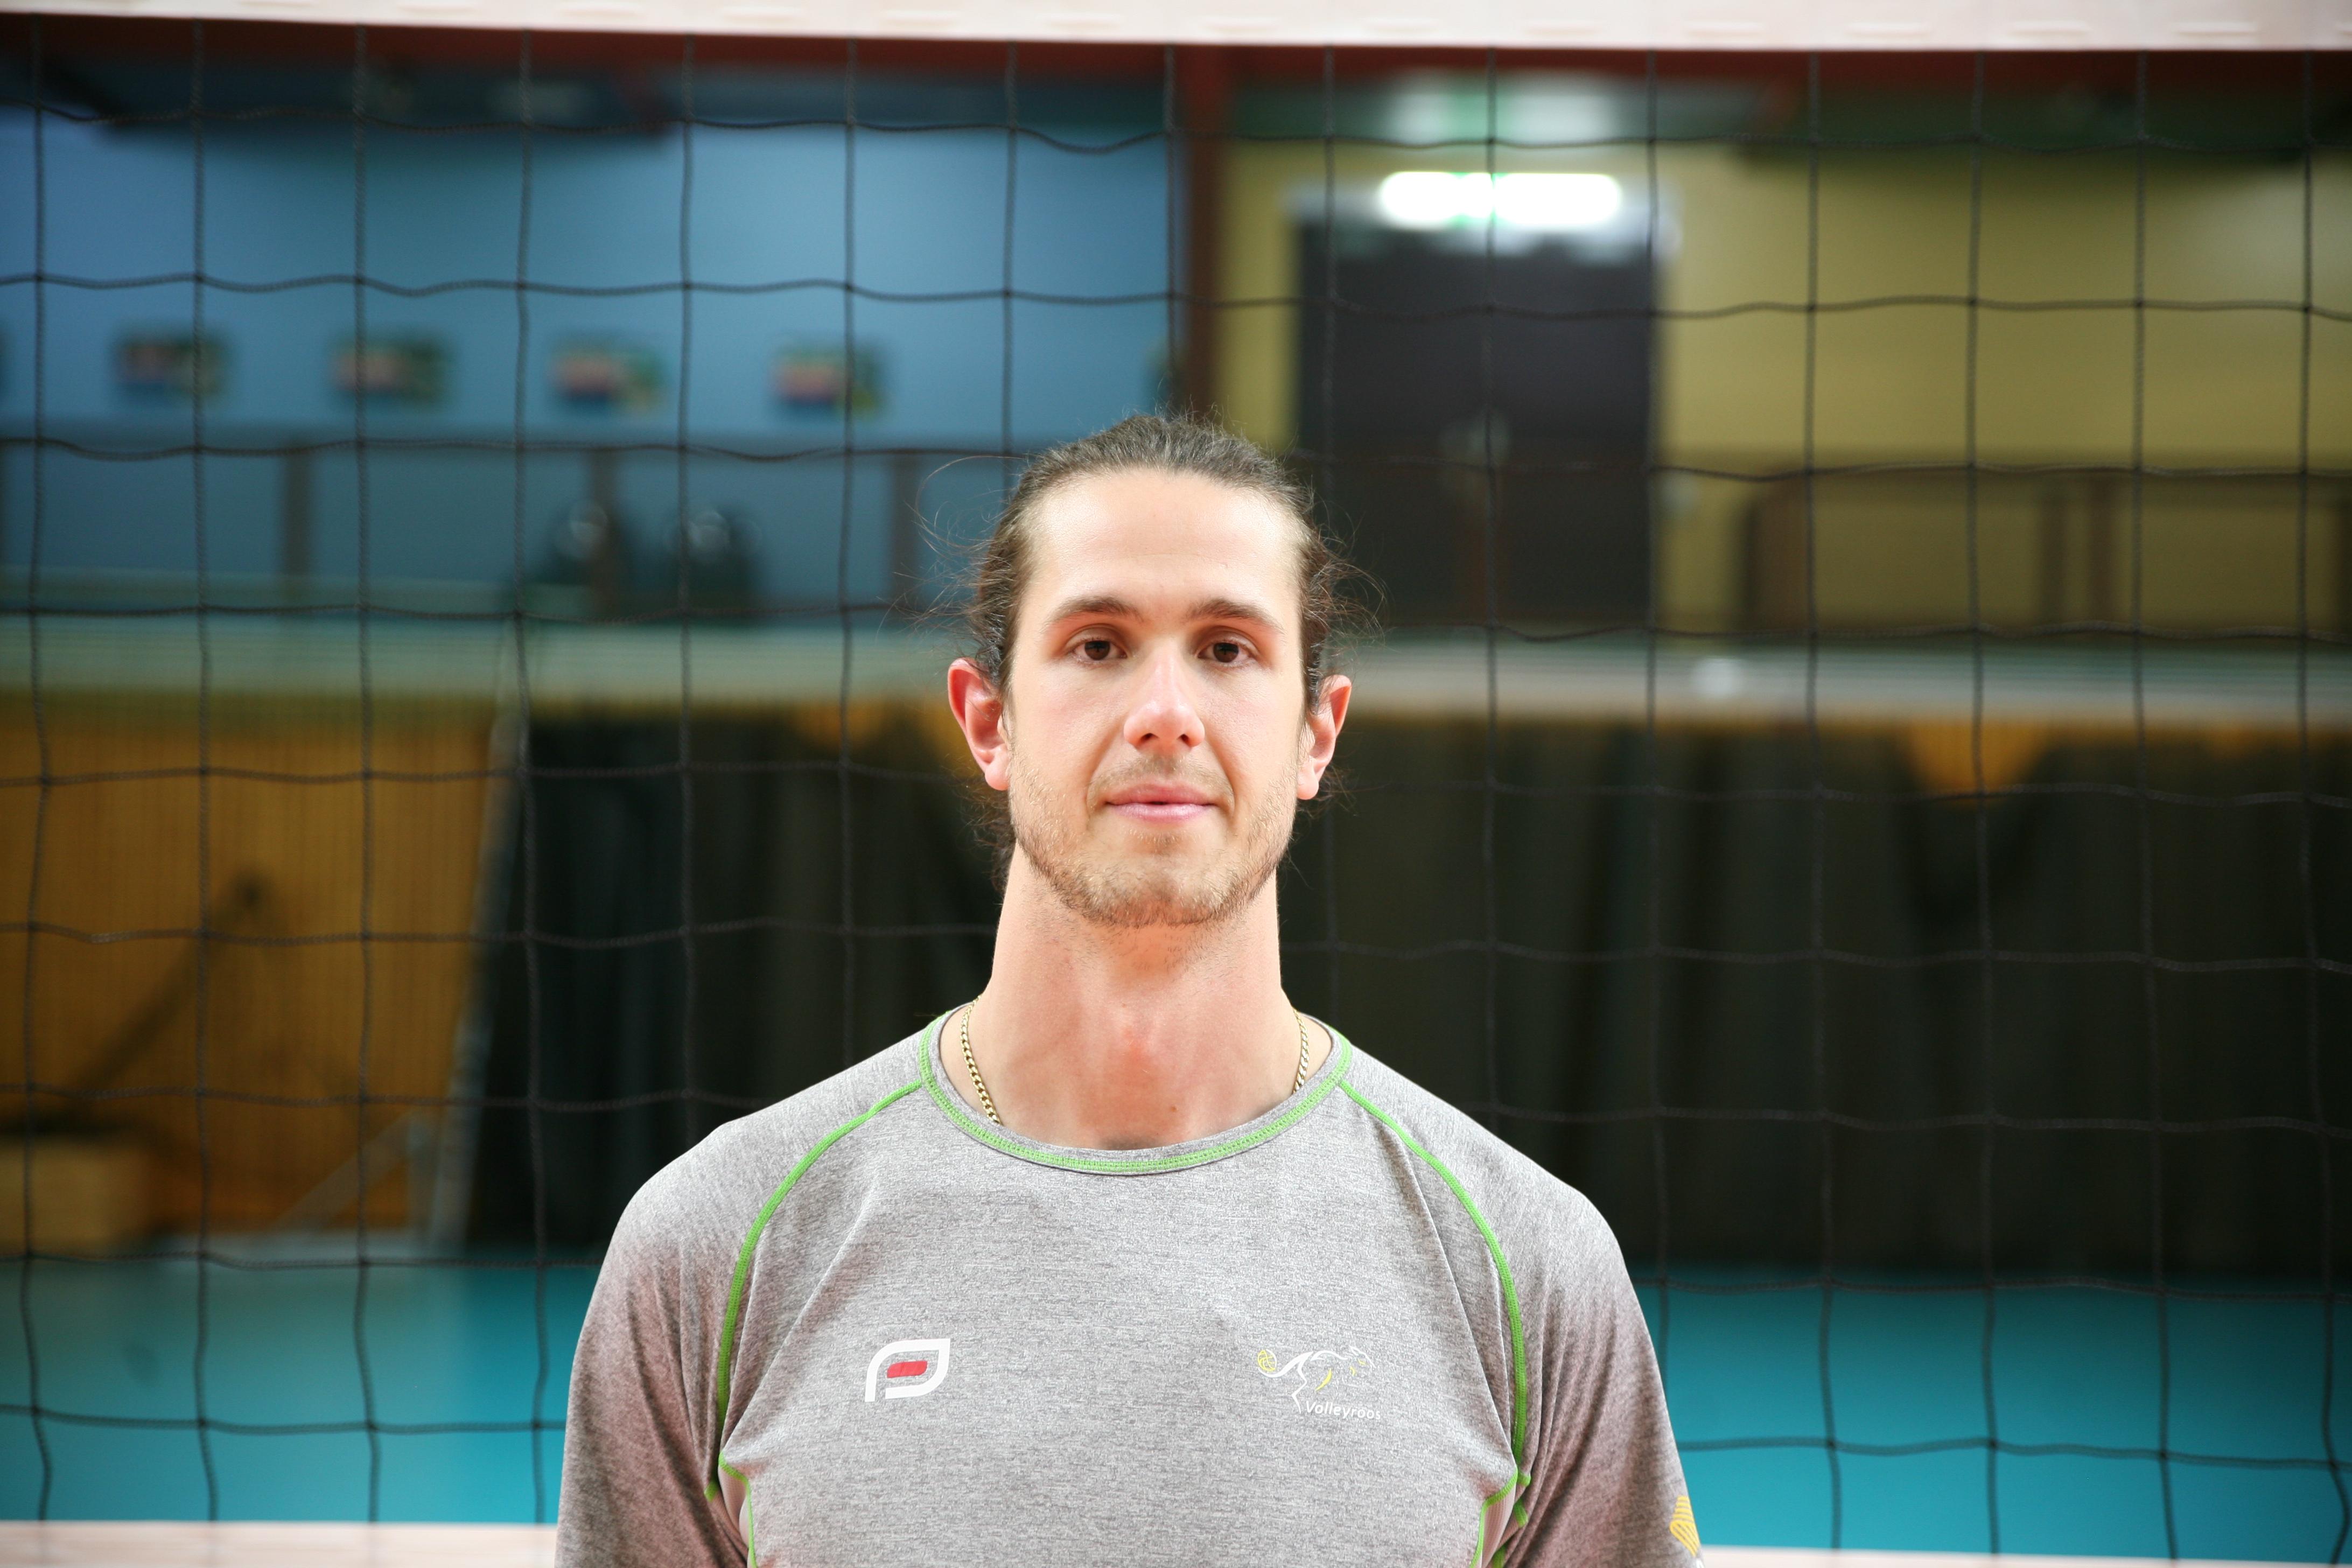 Travis Passier